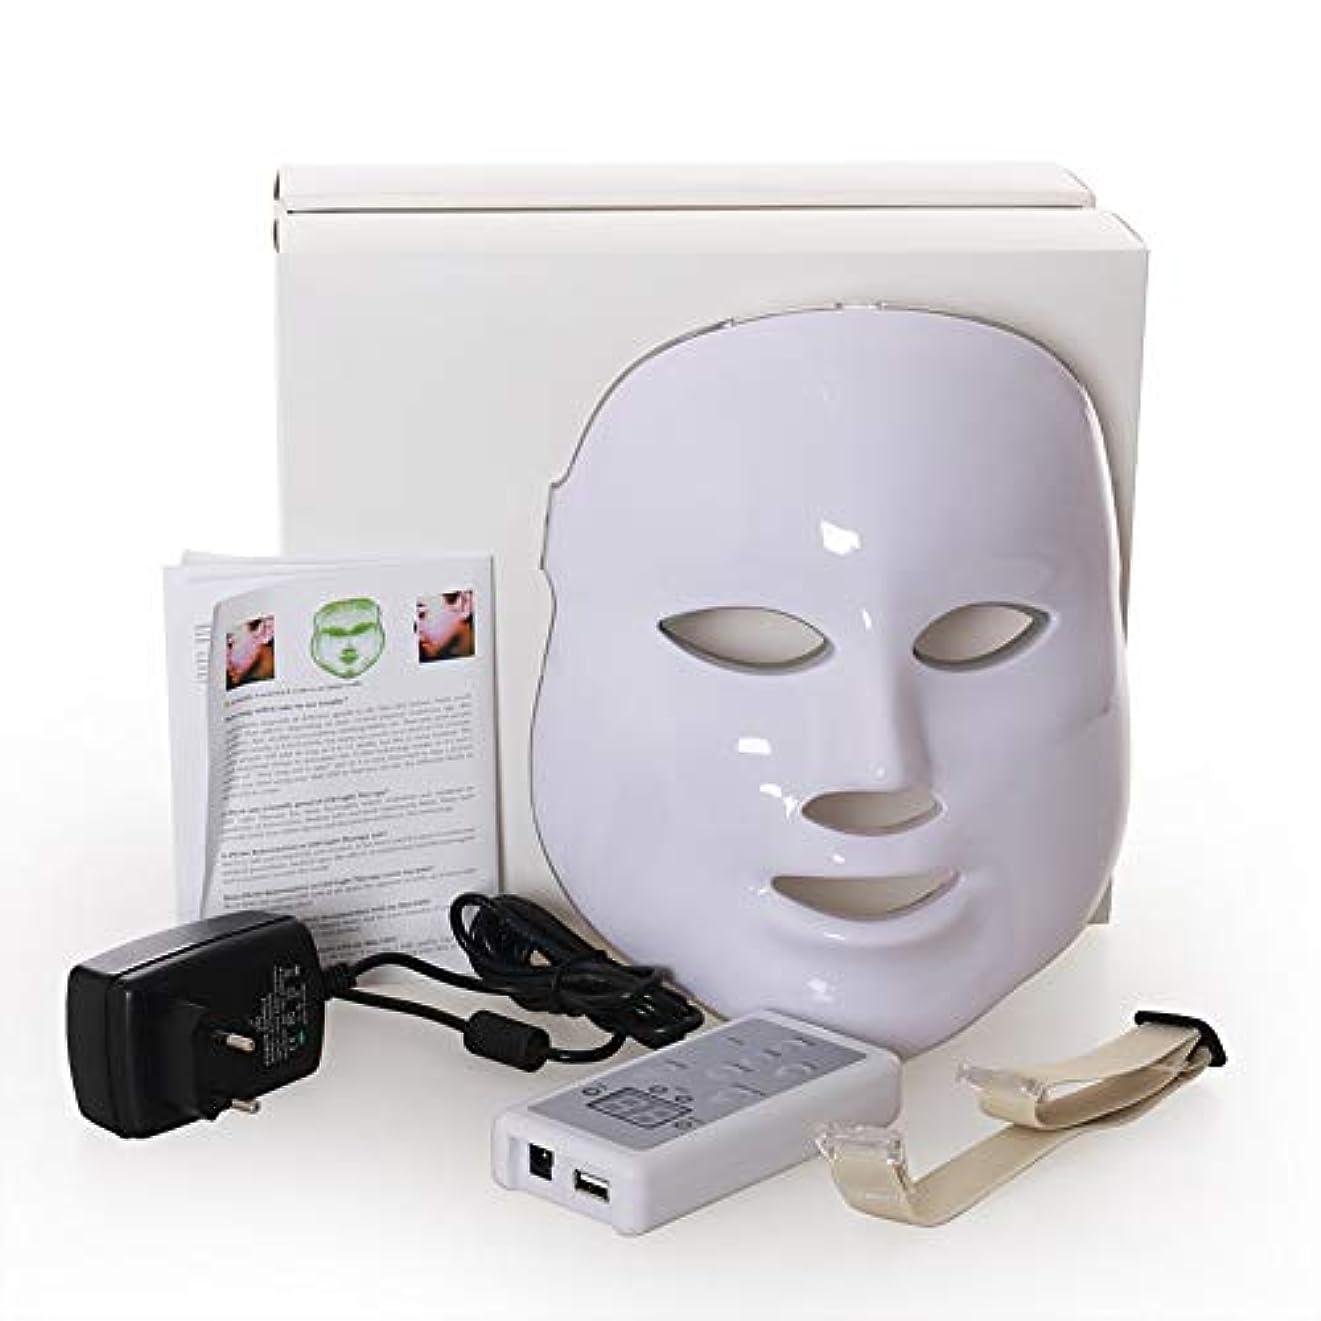 マーキング競合他社選手手術Led のマスク、7色はしわ、にきび及び健康な皮の若返りのコラーゲン、反老化の美のマスクのための軽い療法の顔のスキンケアのマスクを導きました